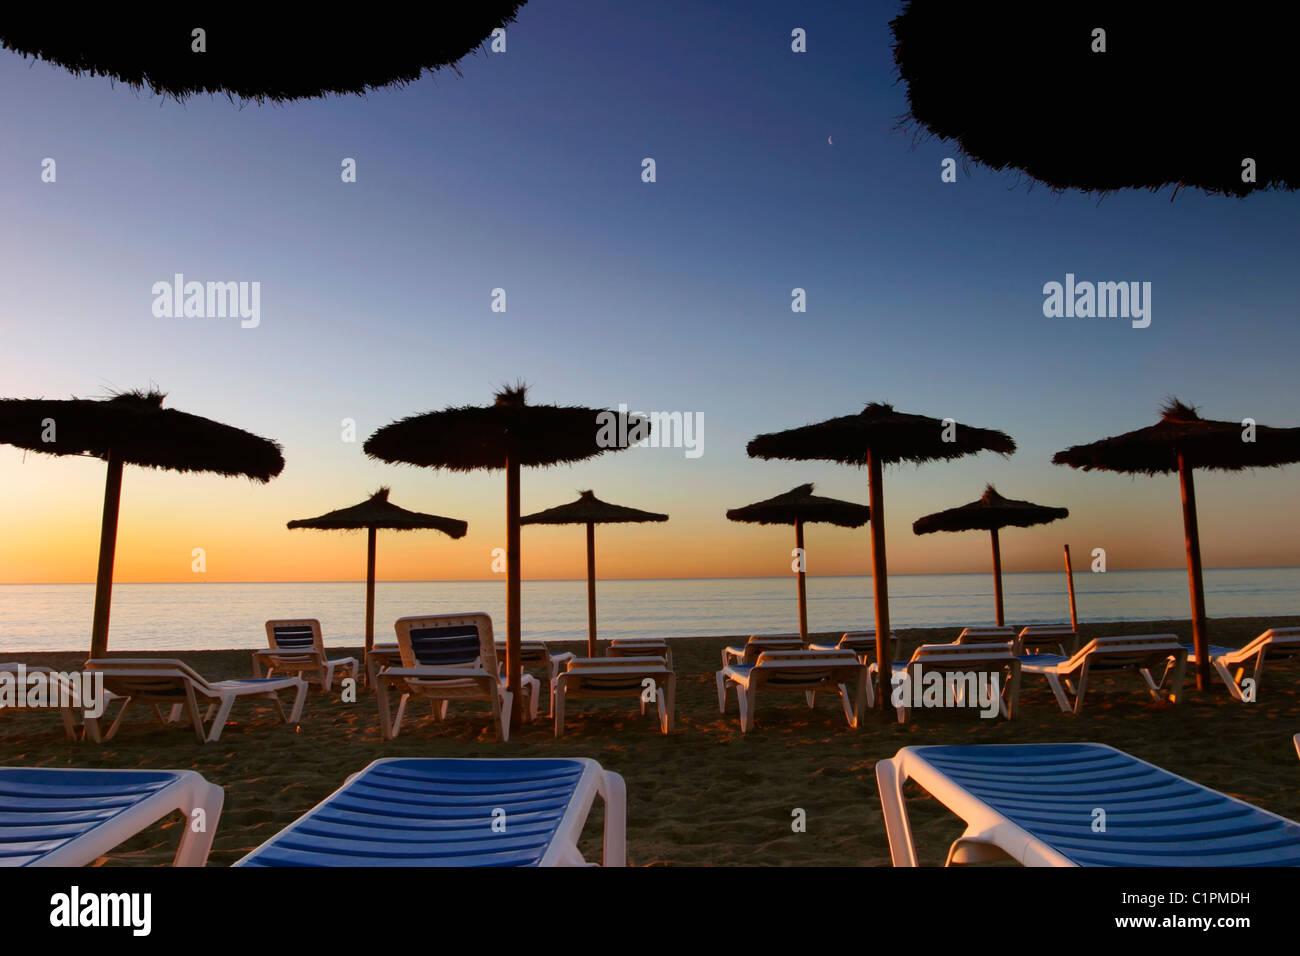 Torremolinos, Provinz Malaga, Costa Del Sol, Spanien. Sonnenaufgang mit Sonnenschirmen und Liegestühlen am Stockbild